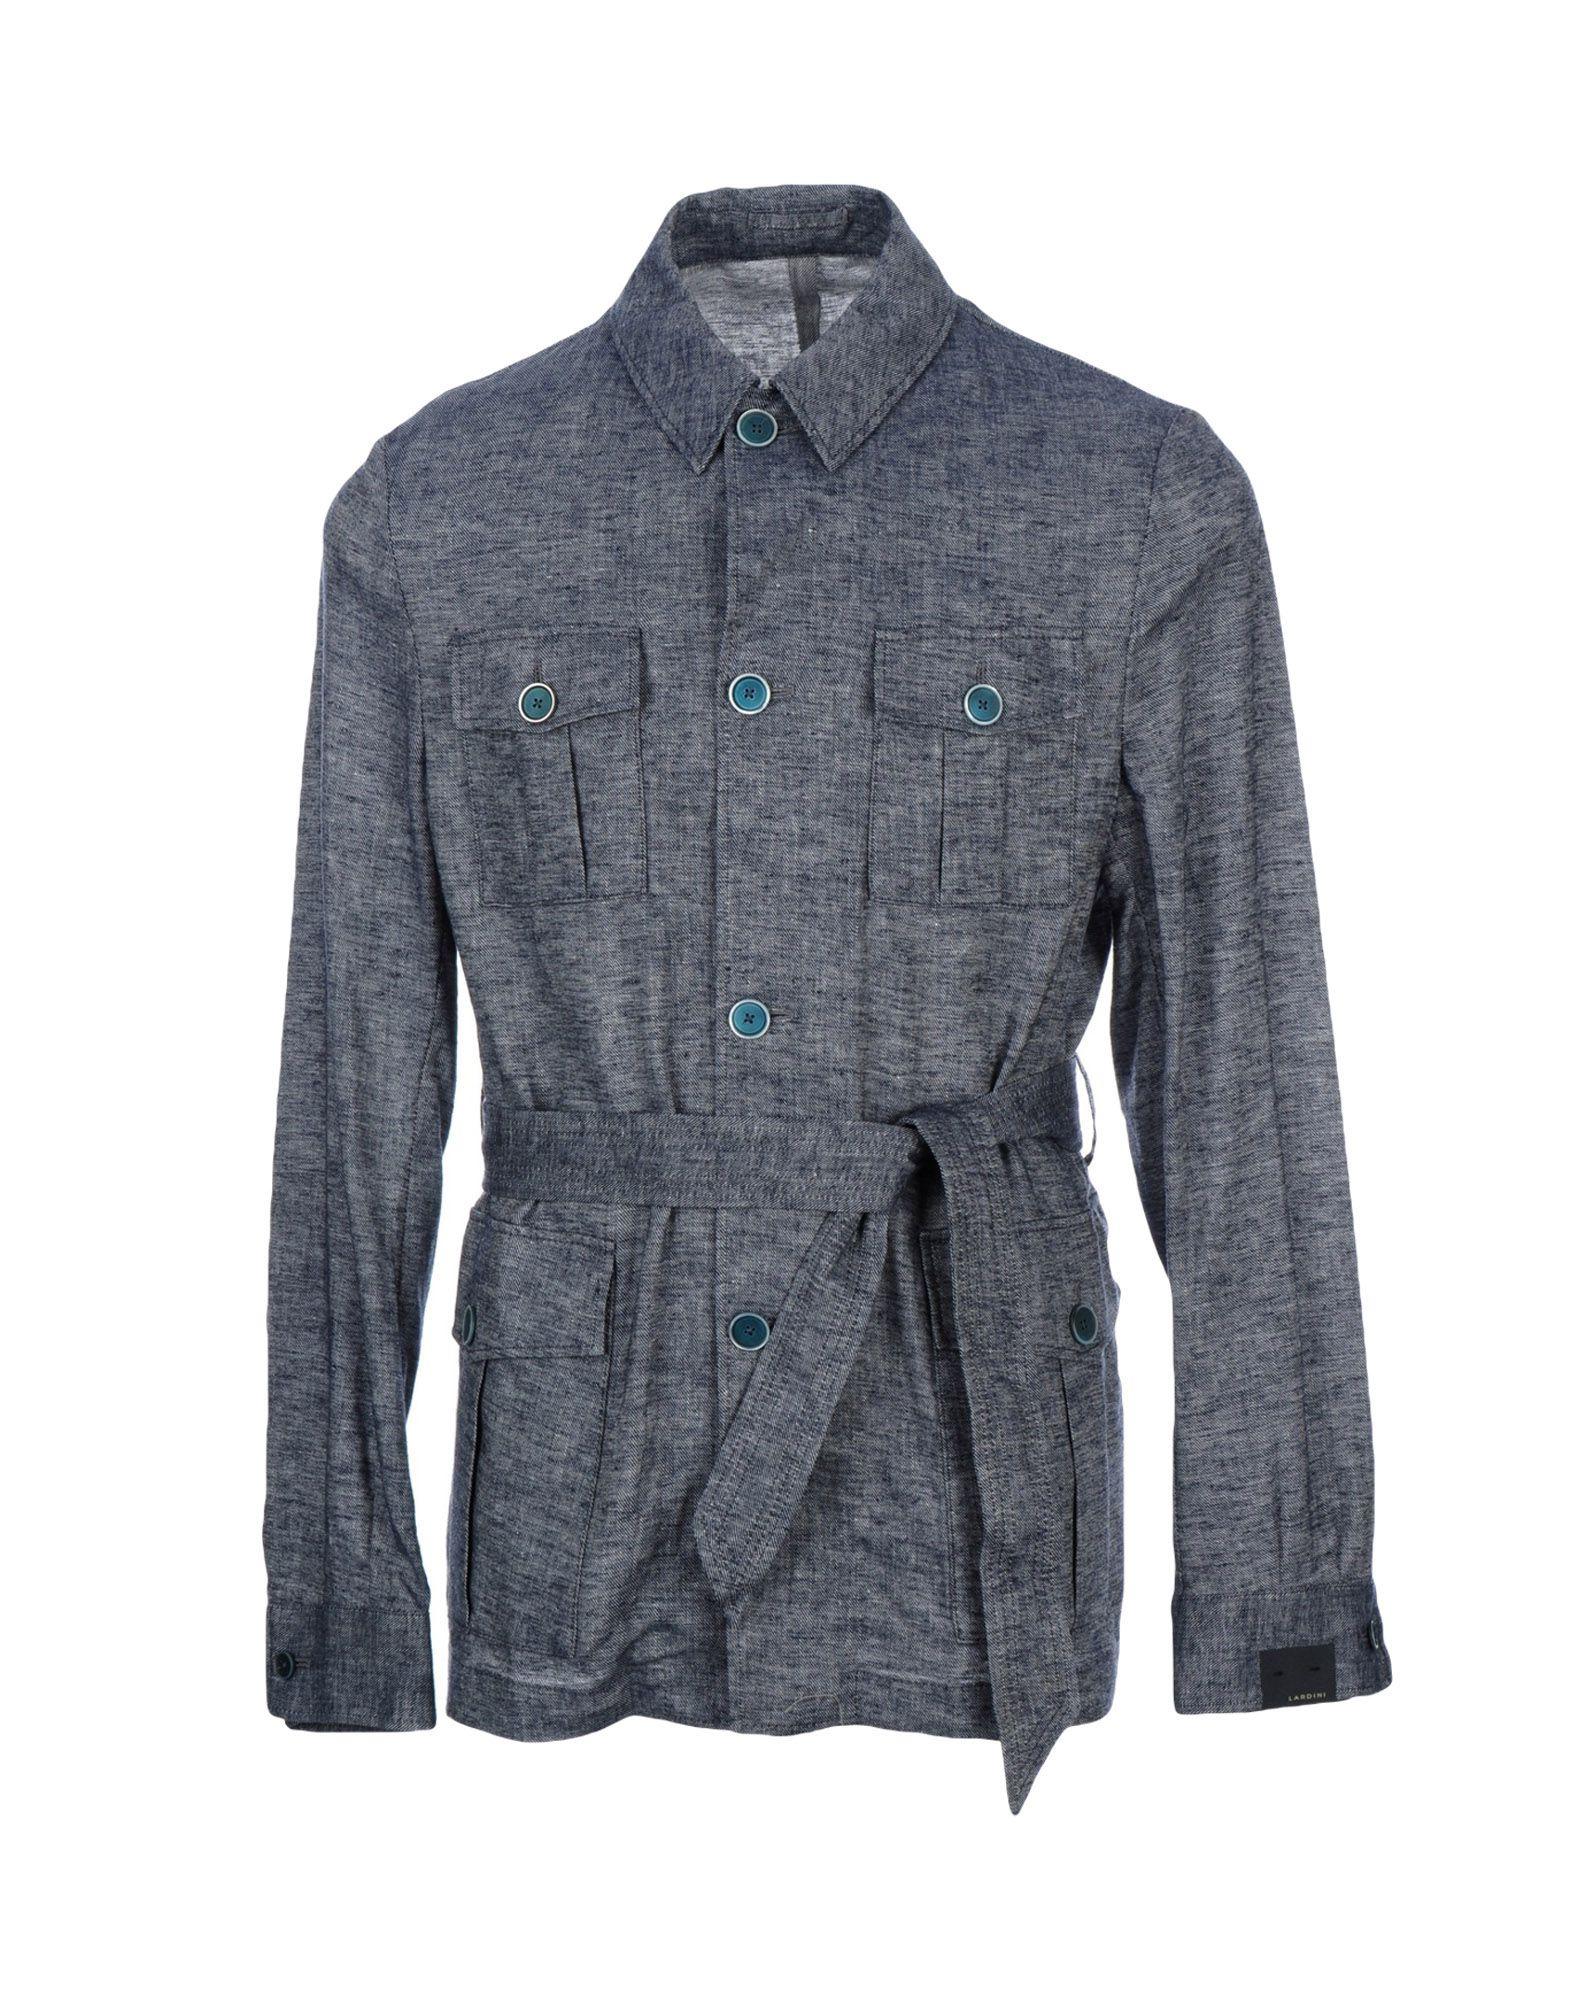 LARDINI Джинсовая верхняя одежда брендовая одежда